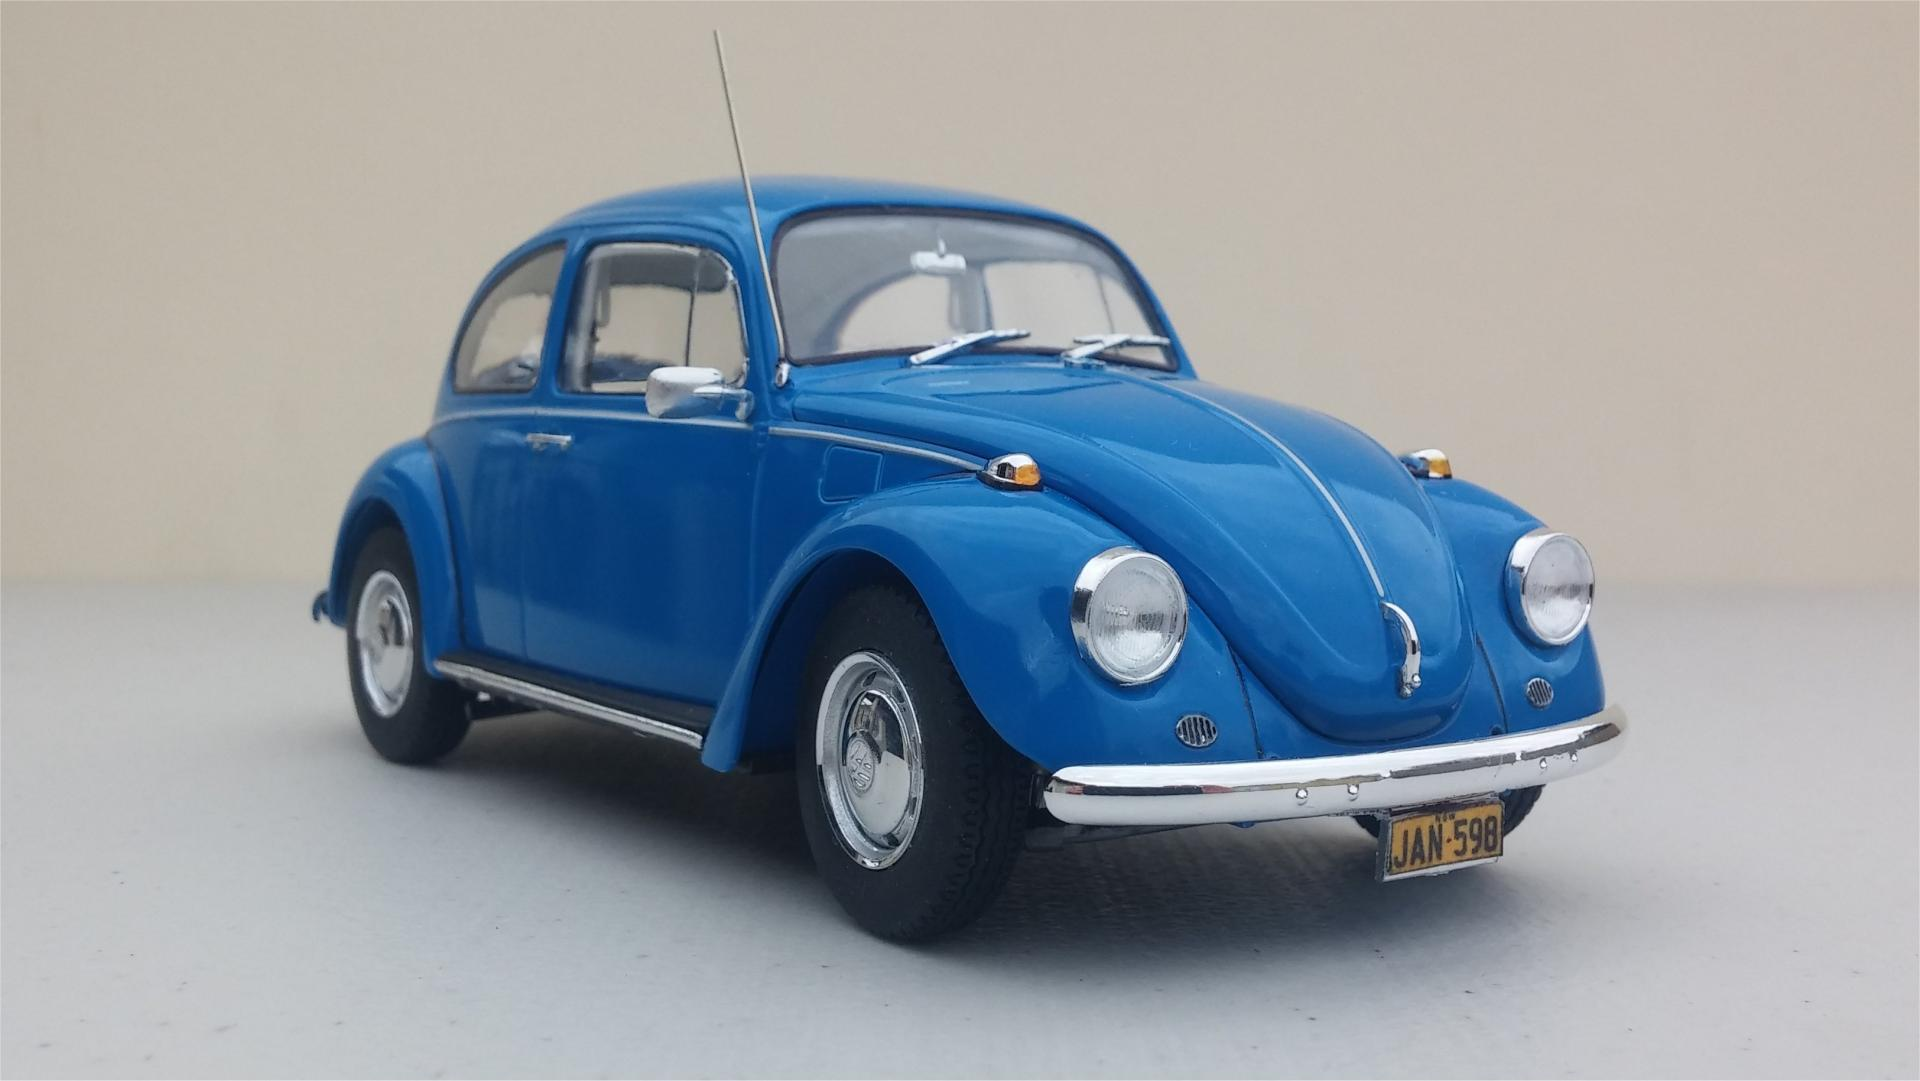 68_Beetle18.thumb.jpg.a98297395ad077487ad4636002ed2f26.jpg